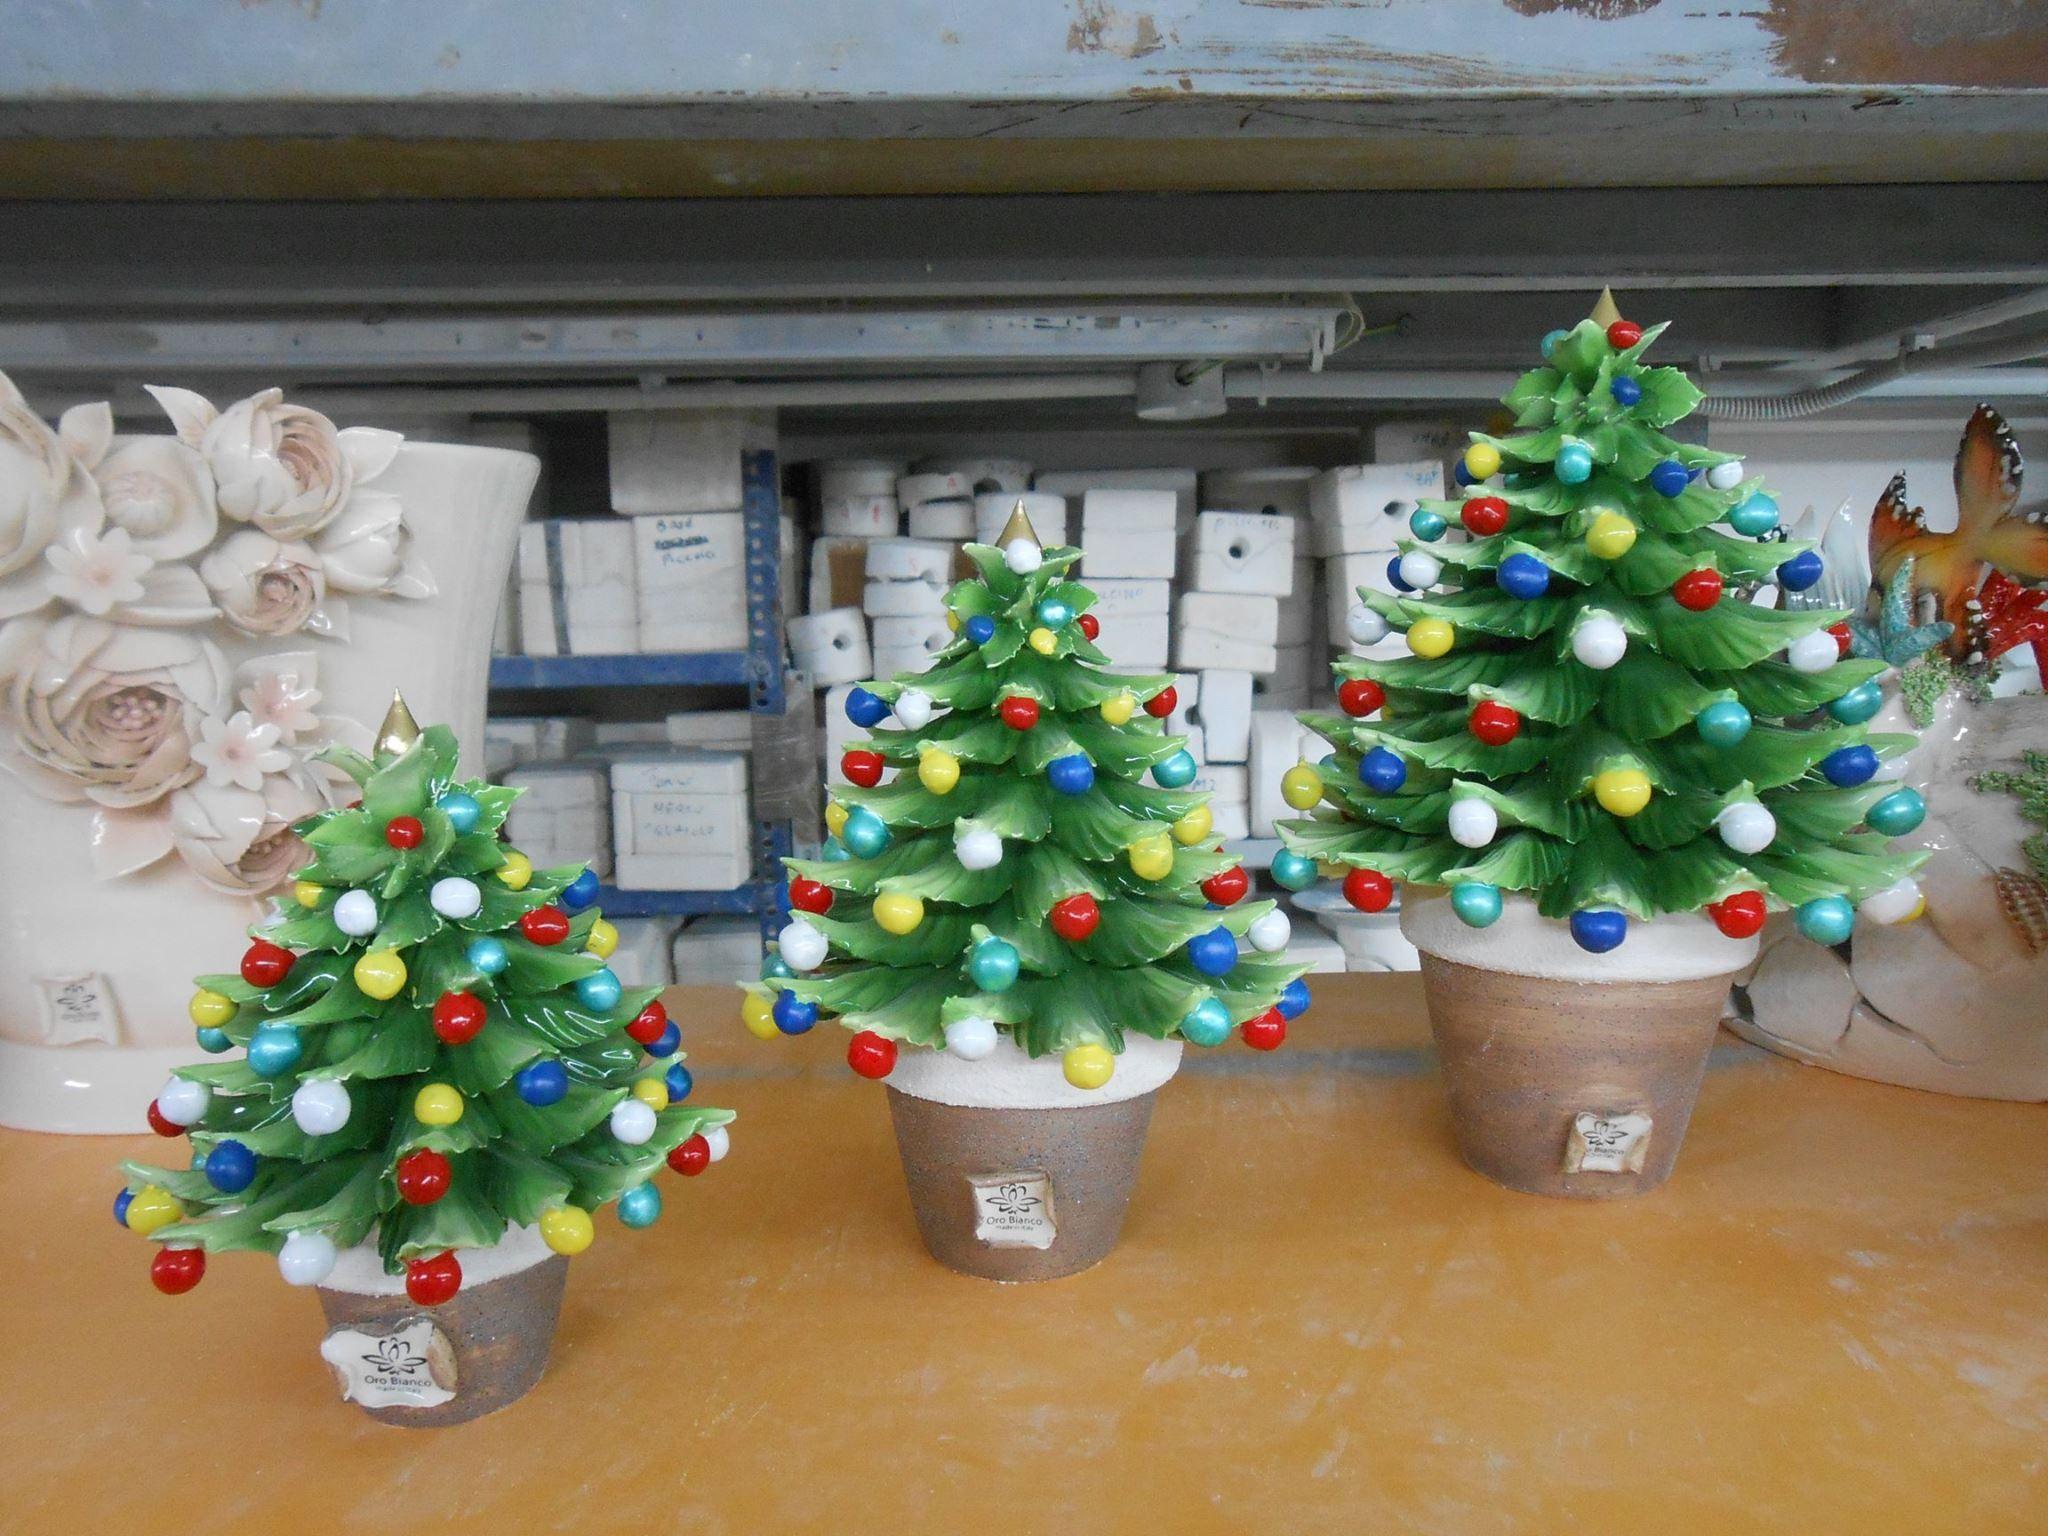 Acquisto Decorazioni Natalizie.Porcellane Artistiche Di Capodimonte Creazioni Per Il Natale Alberi Natalizi Arbol De Navidad Navidad Arboles